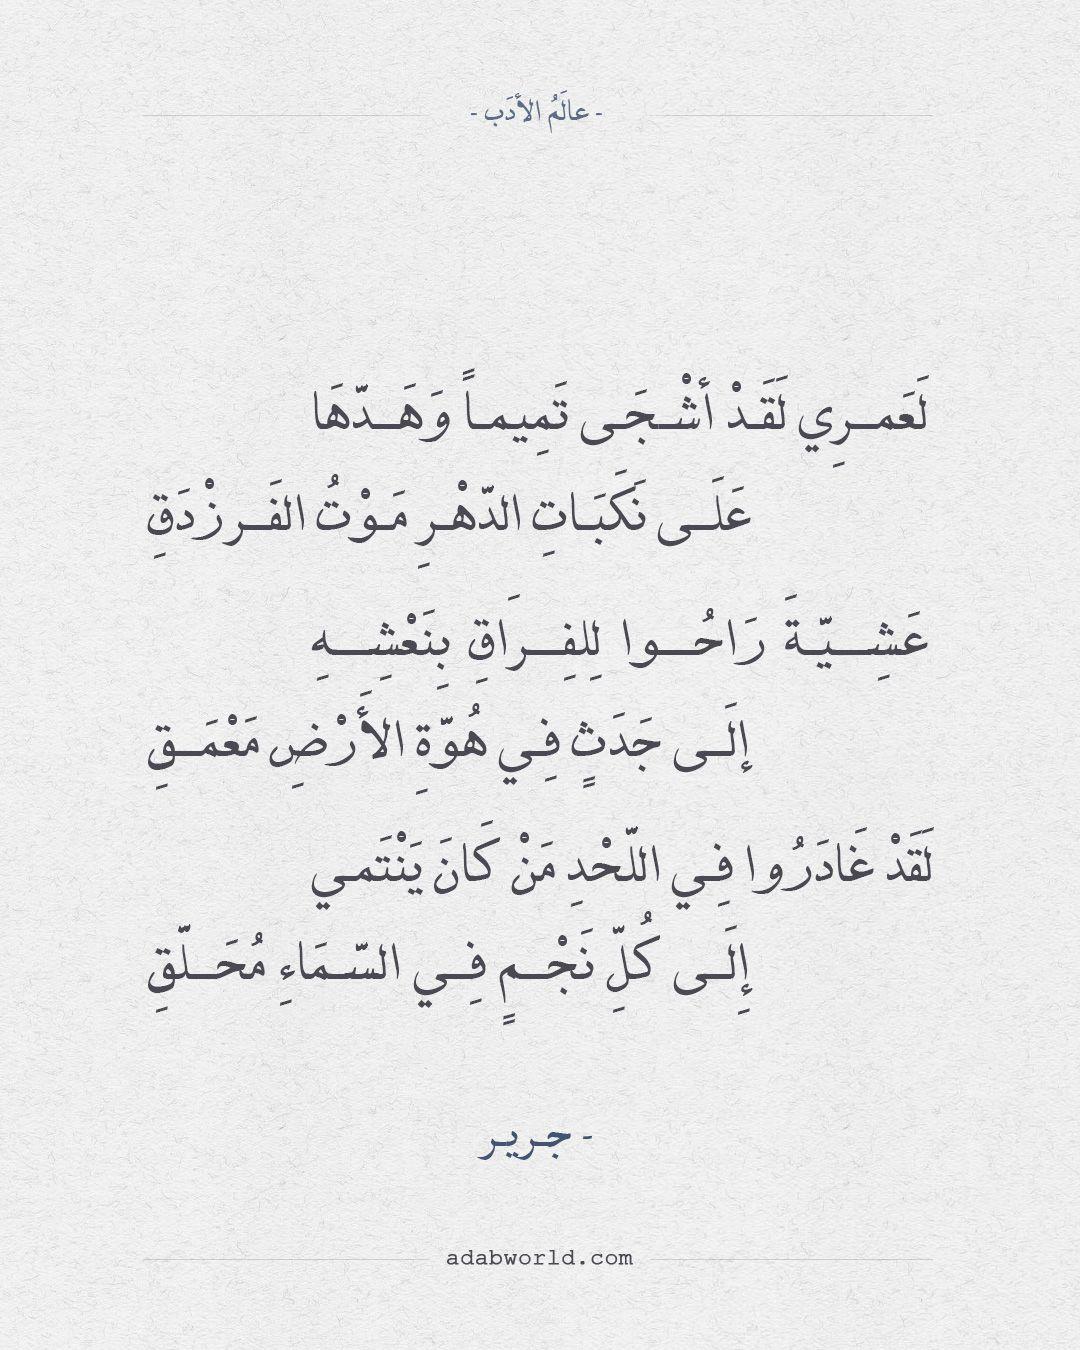 قصيدة جرير في رثاء الفرزدق عالم الأدب Math Arabic Calligraphy Calligraphy